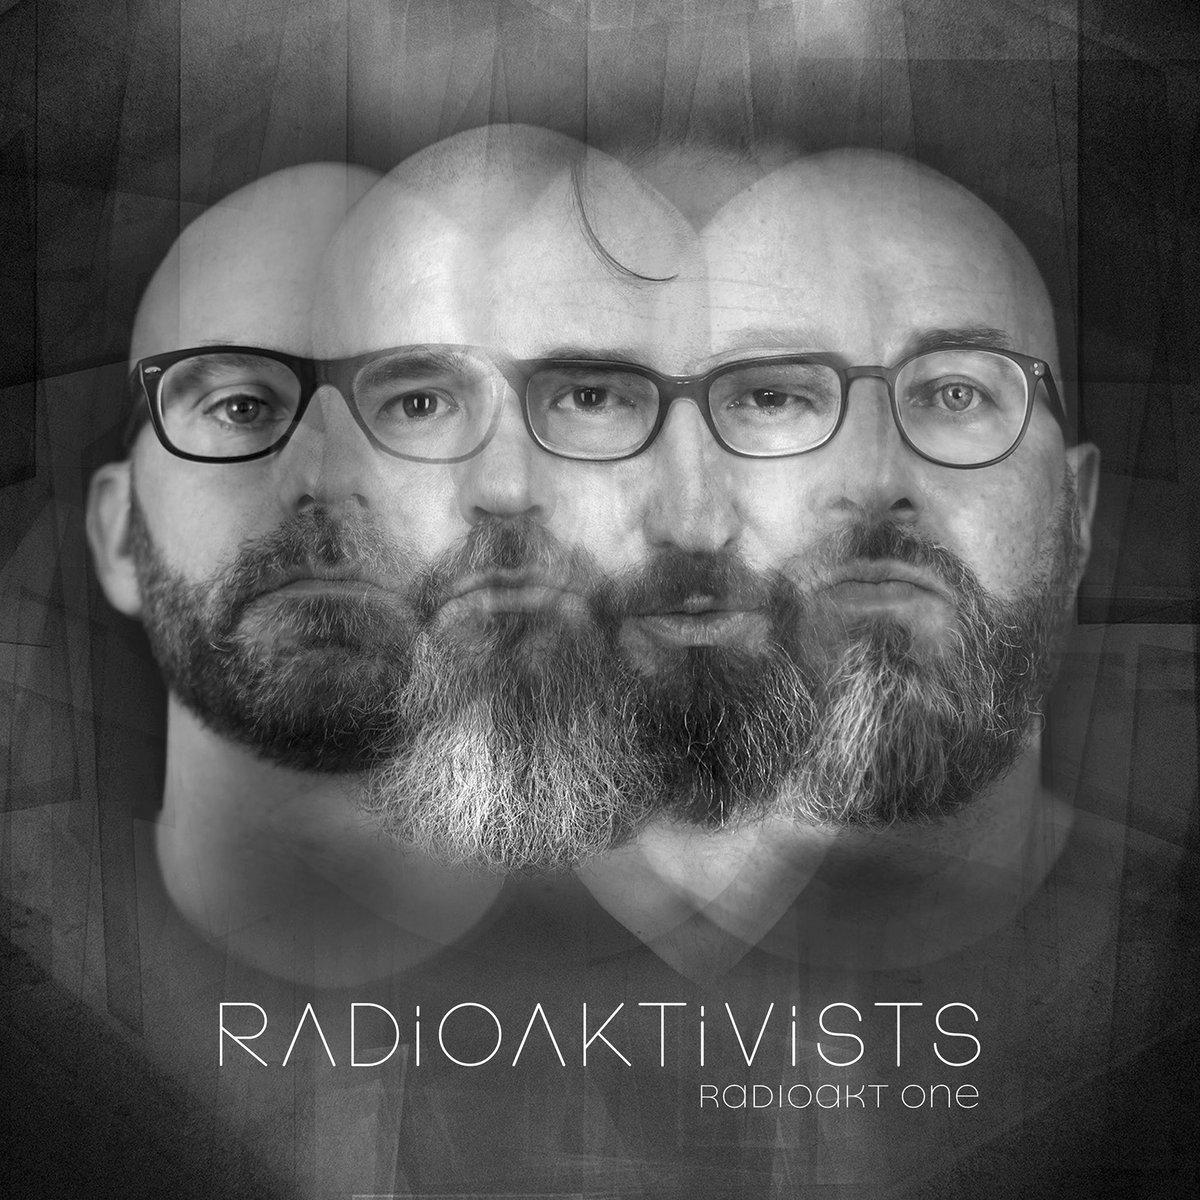 """Radioaktivists, """"Radioakt One"""""""